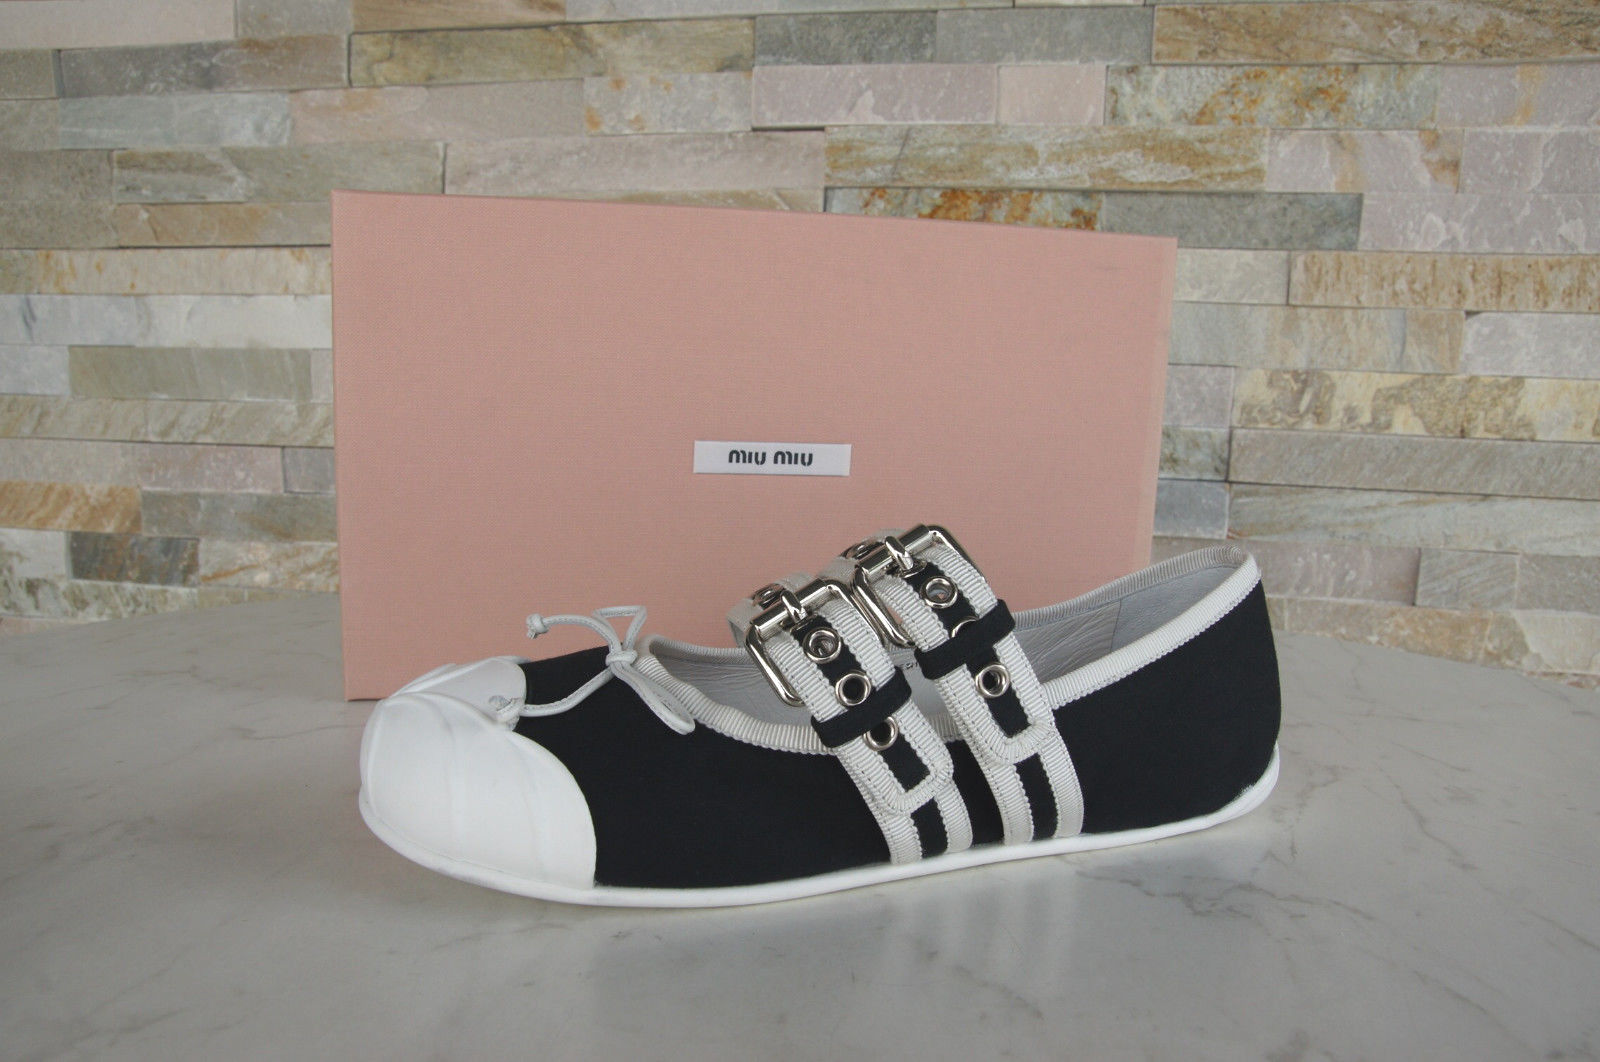 PRADA TAGLIA 40 Bianco Sandali 3x6022 Scarpe Velcro Nero Argento Bianco 40 Nuovo UVP 5a9da1